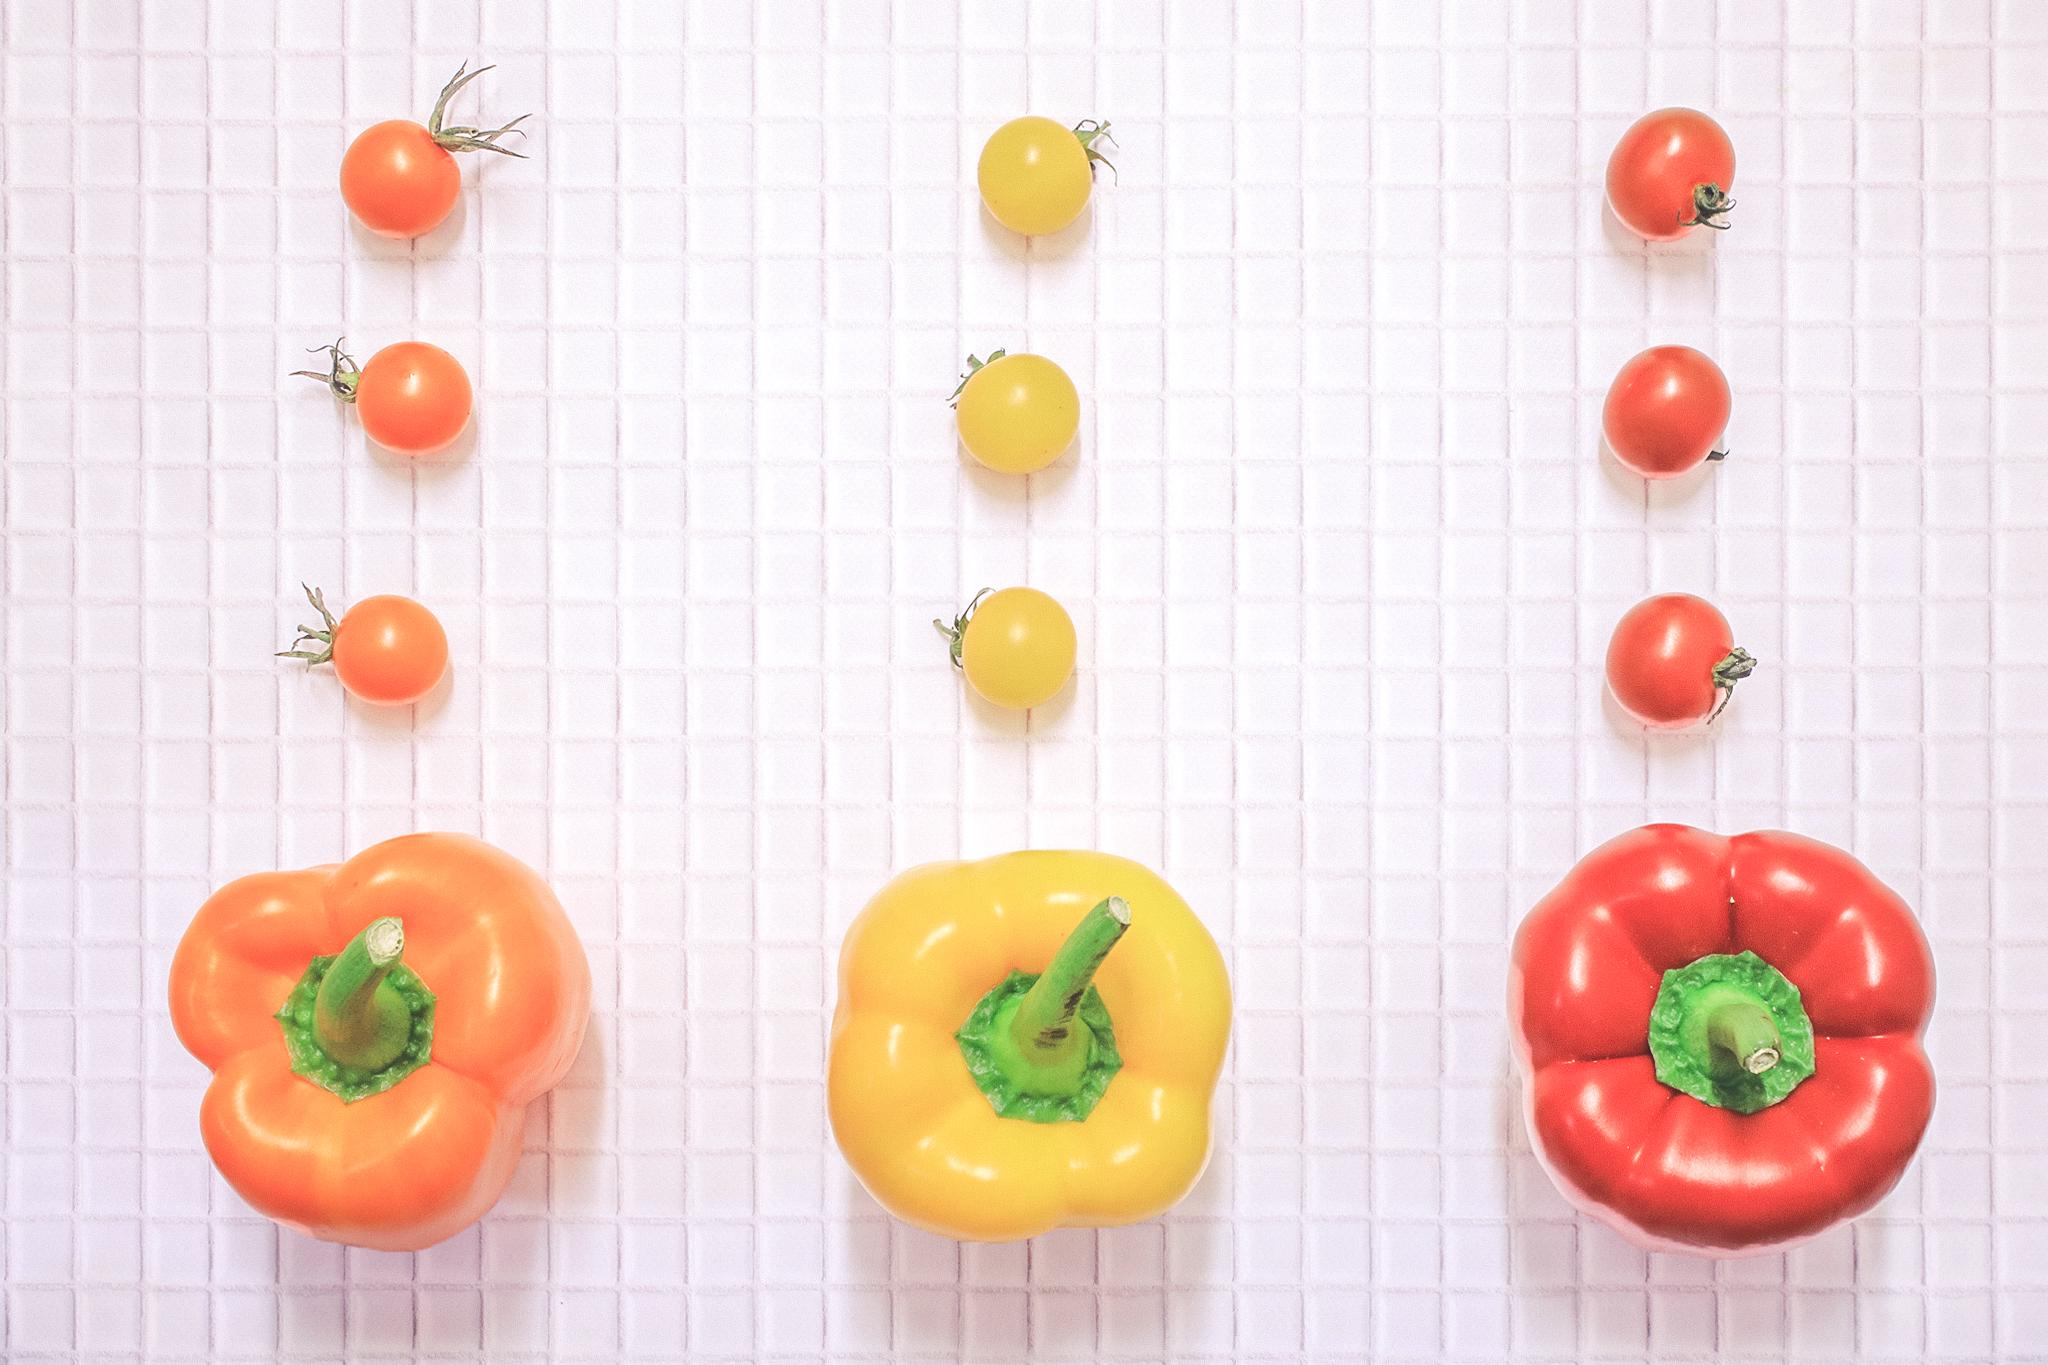 メンタルの安定にセロトニン!腸内環境を整えて幸せホルモンを増やす方法